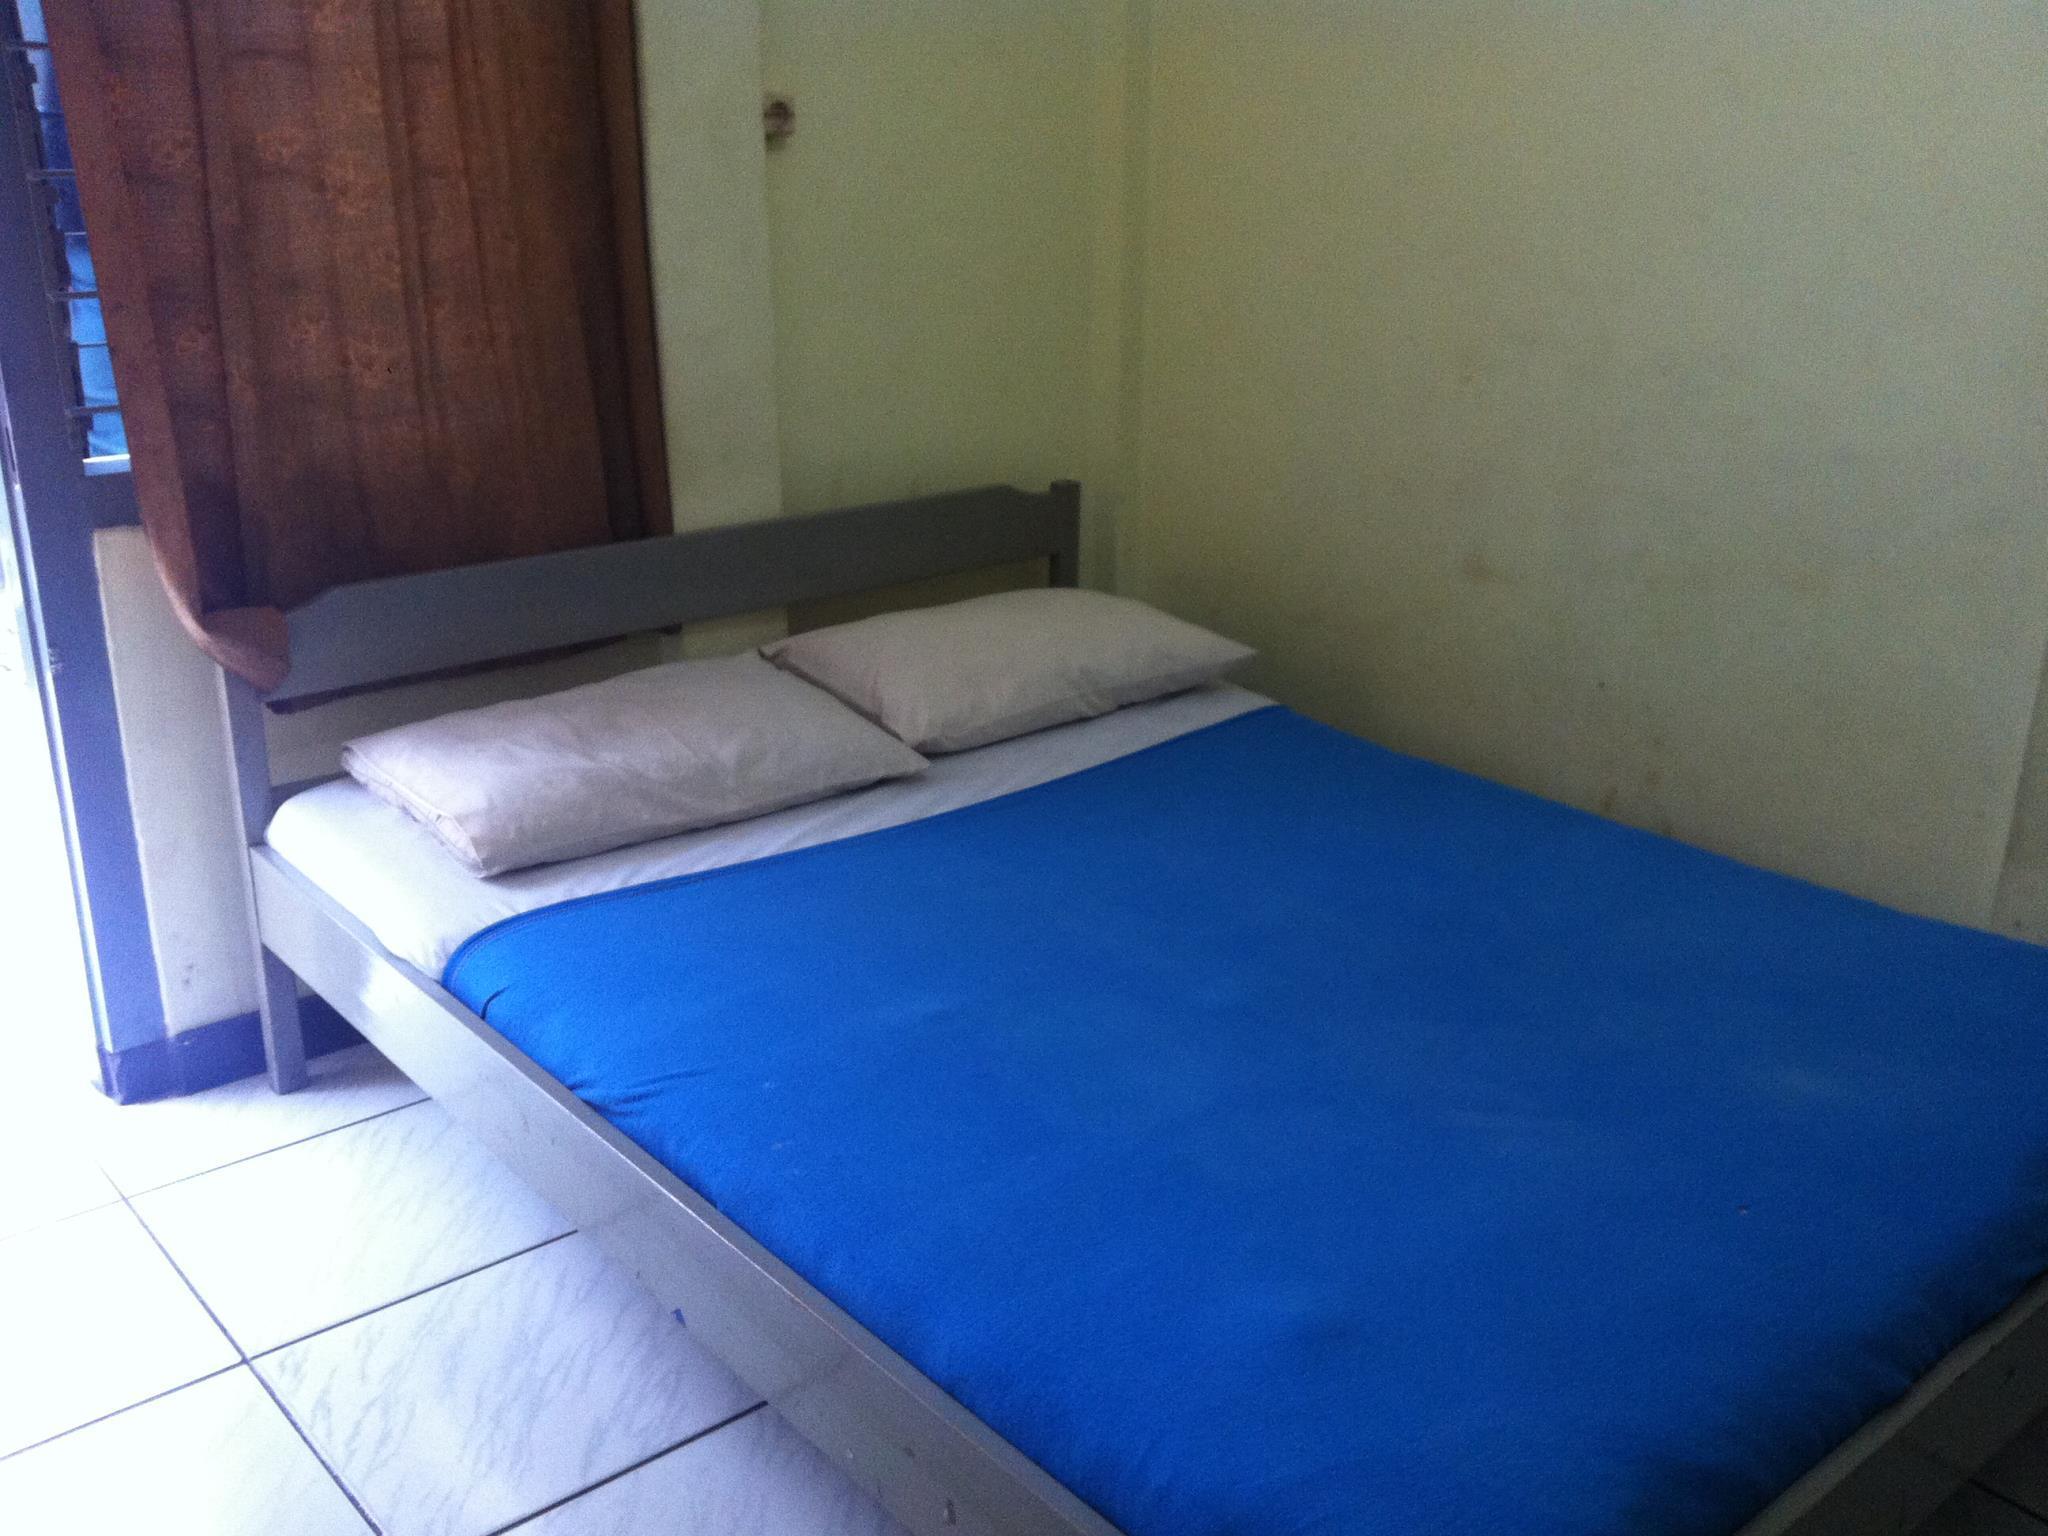 Hotel Hotel Rex - JL.Soegiono No. 3 - Manado